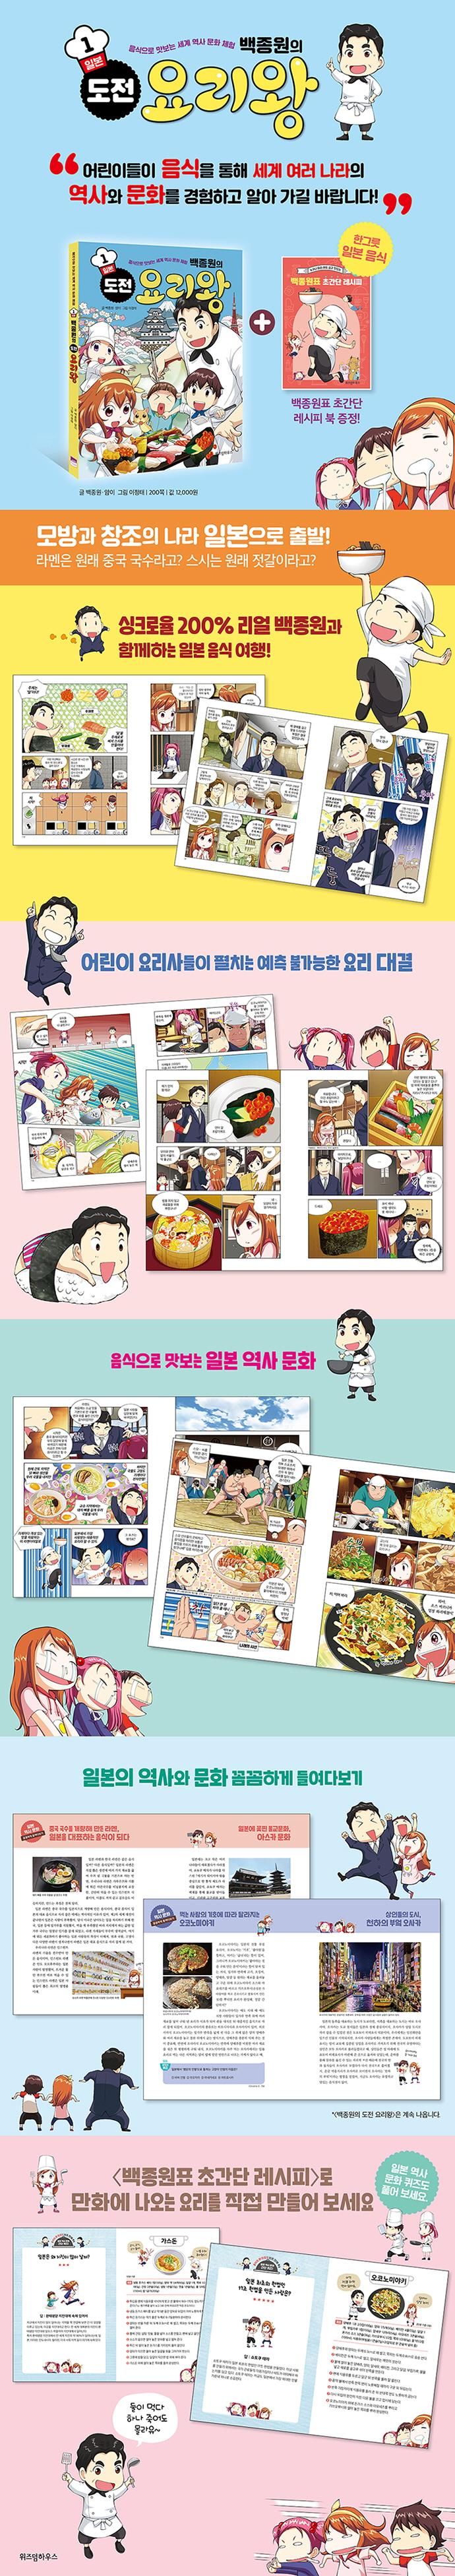 백종원의 도전 요리왕. 1: 일본 도서 상세이미지